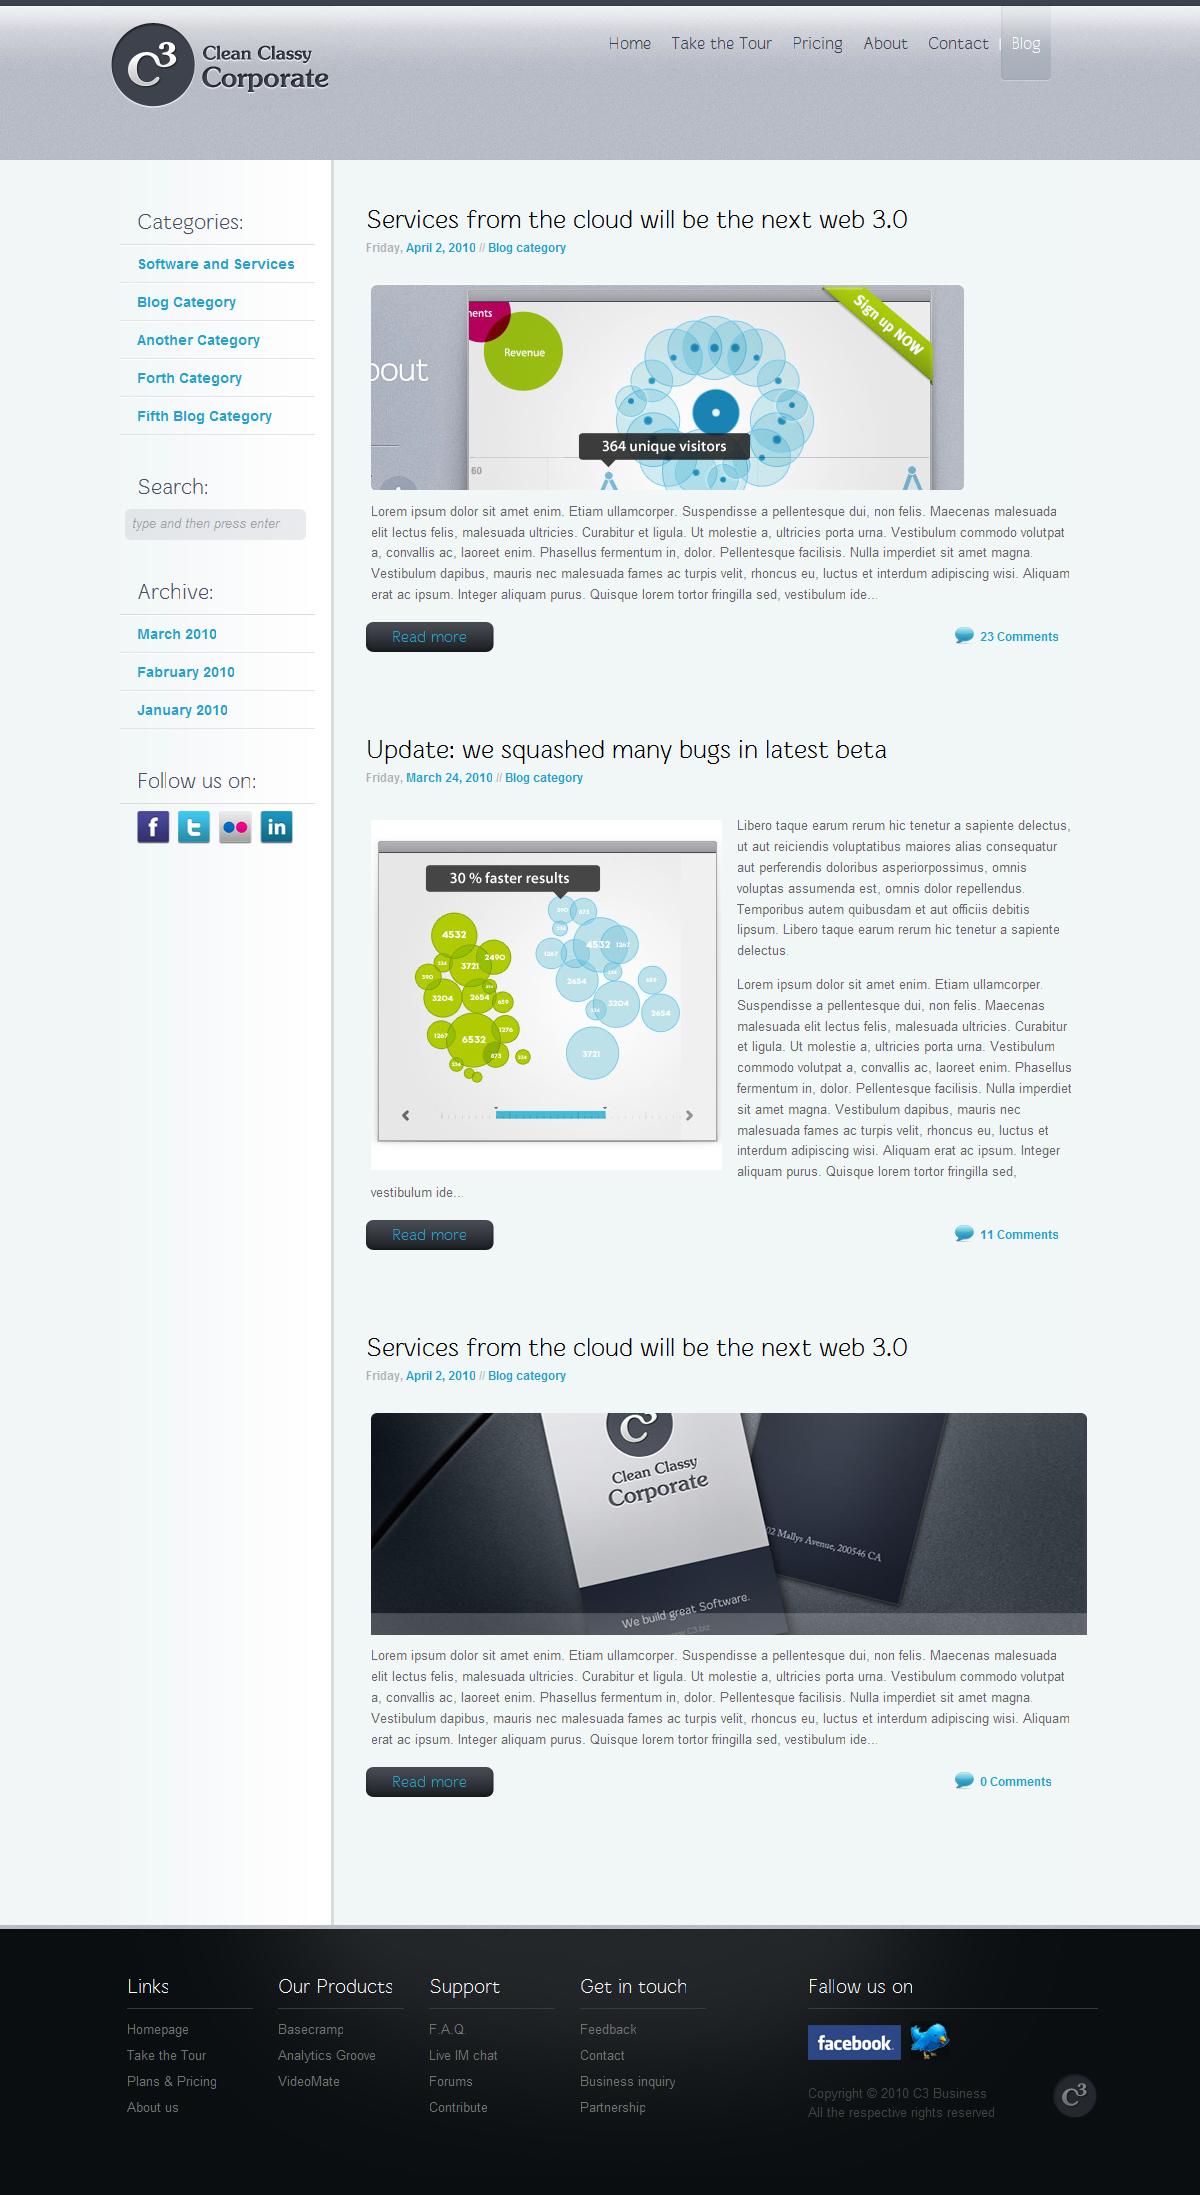 C3 - Clean Classy Corporate HTML